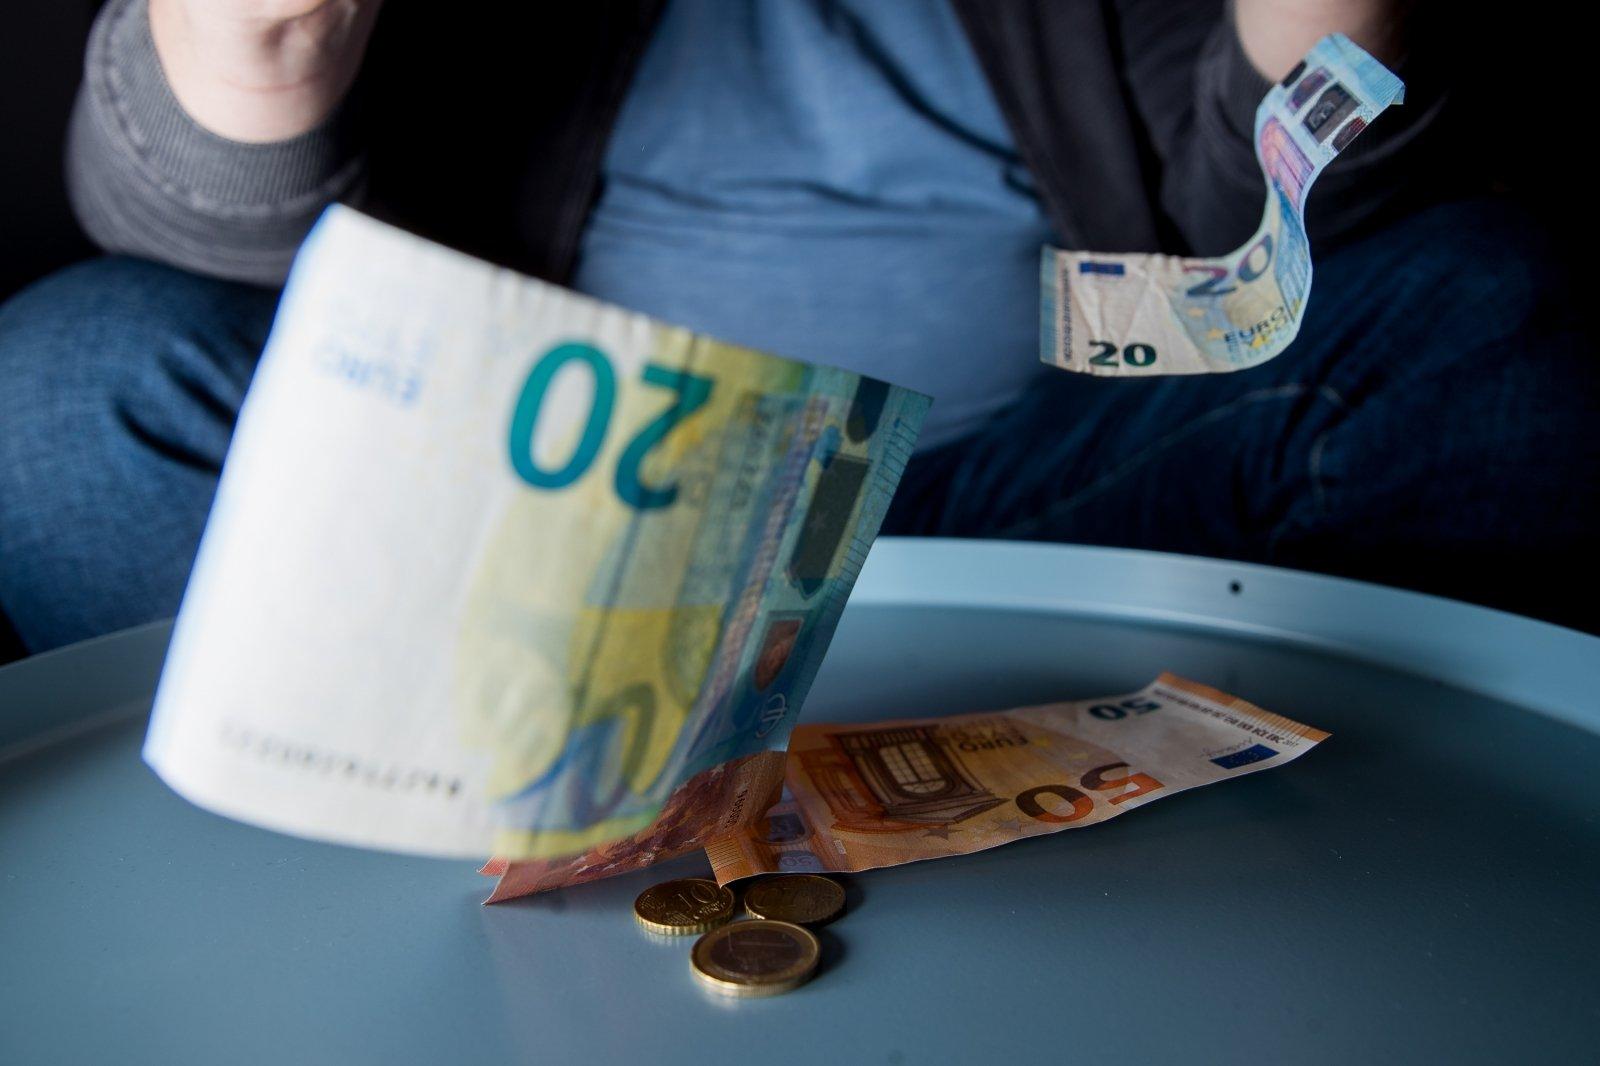 kaip galite užsidirbti pinigų iš savo verslo ishimoku dvejetainiams variantams